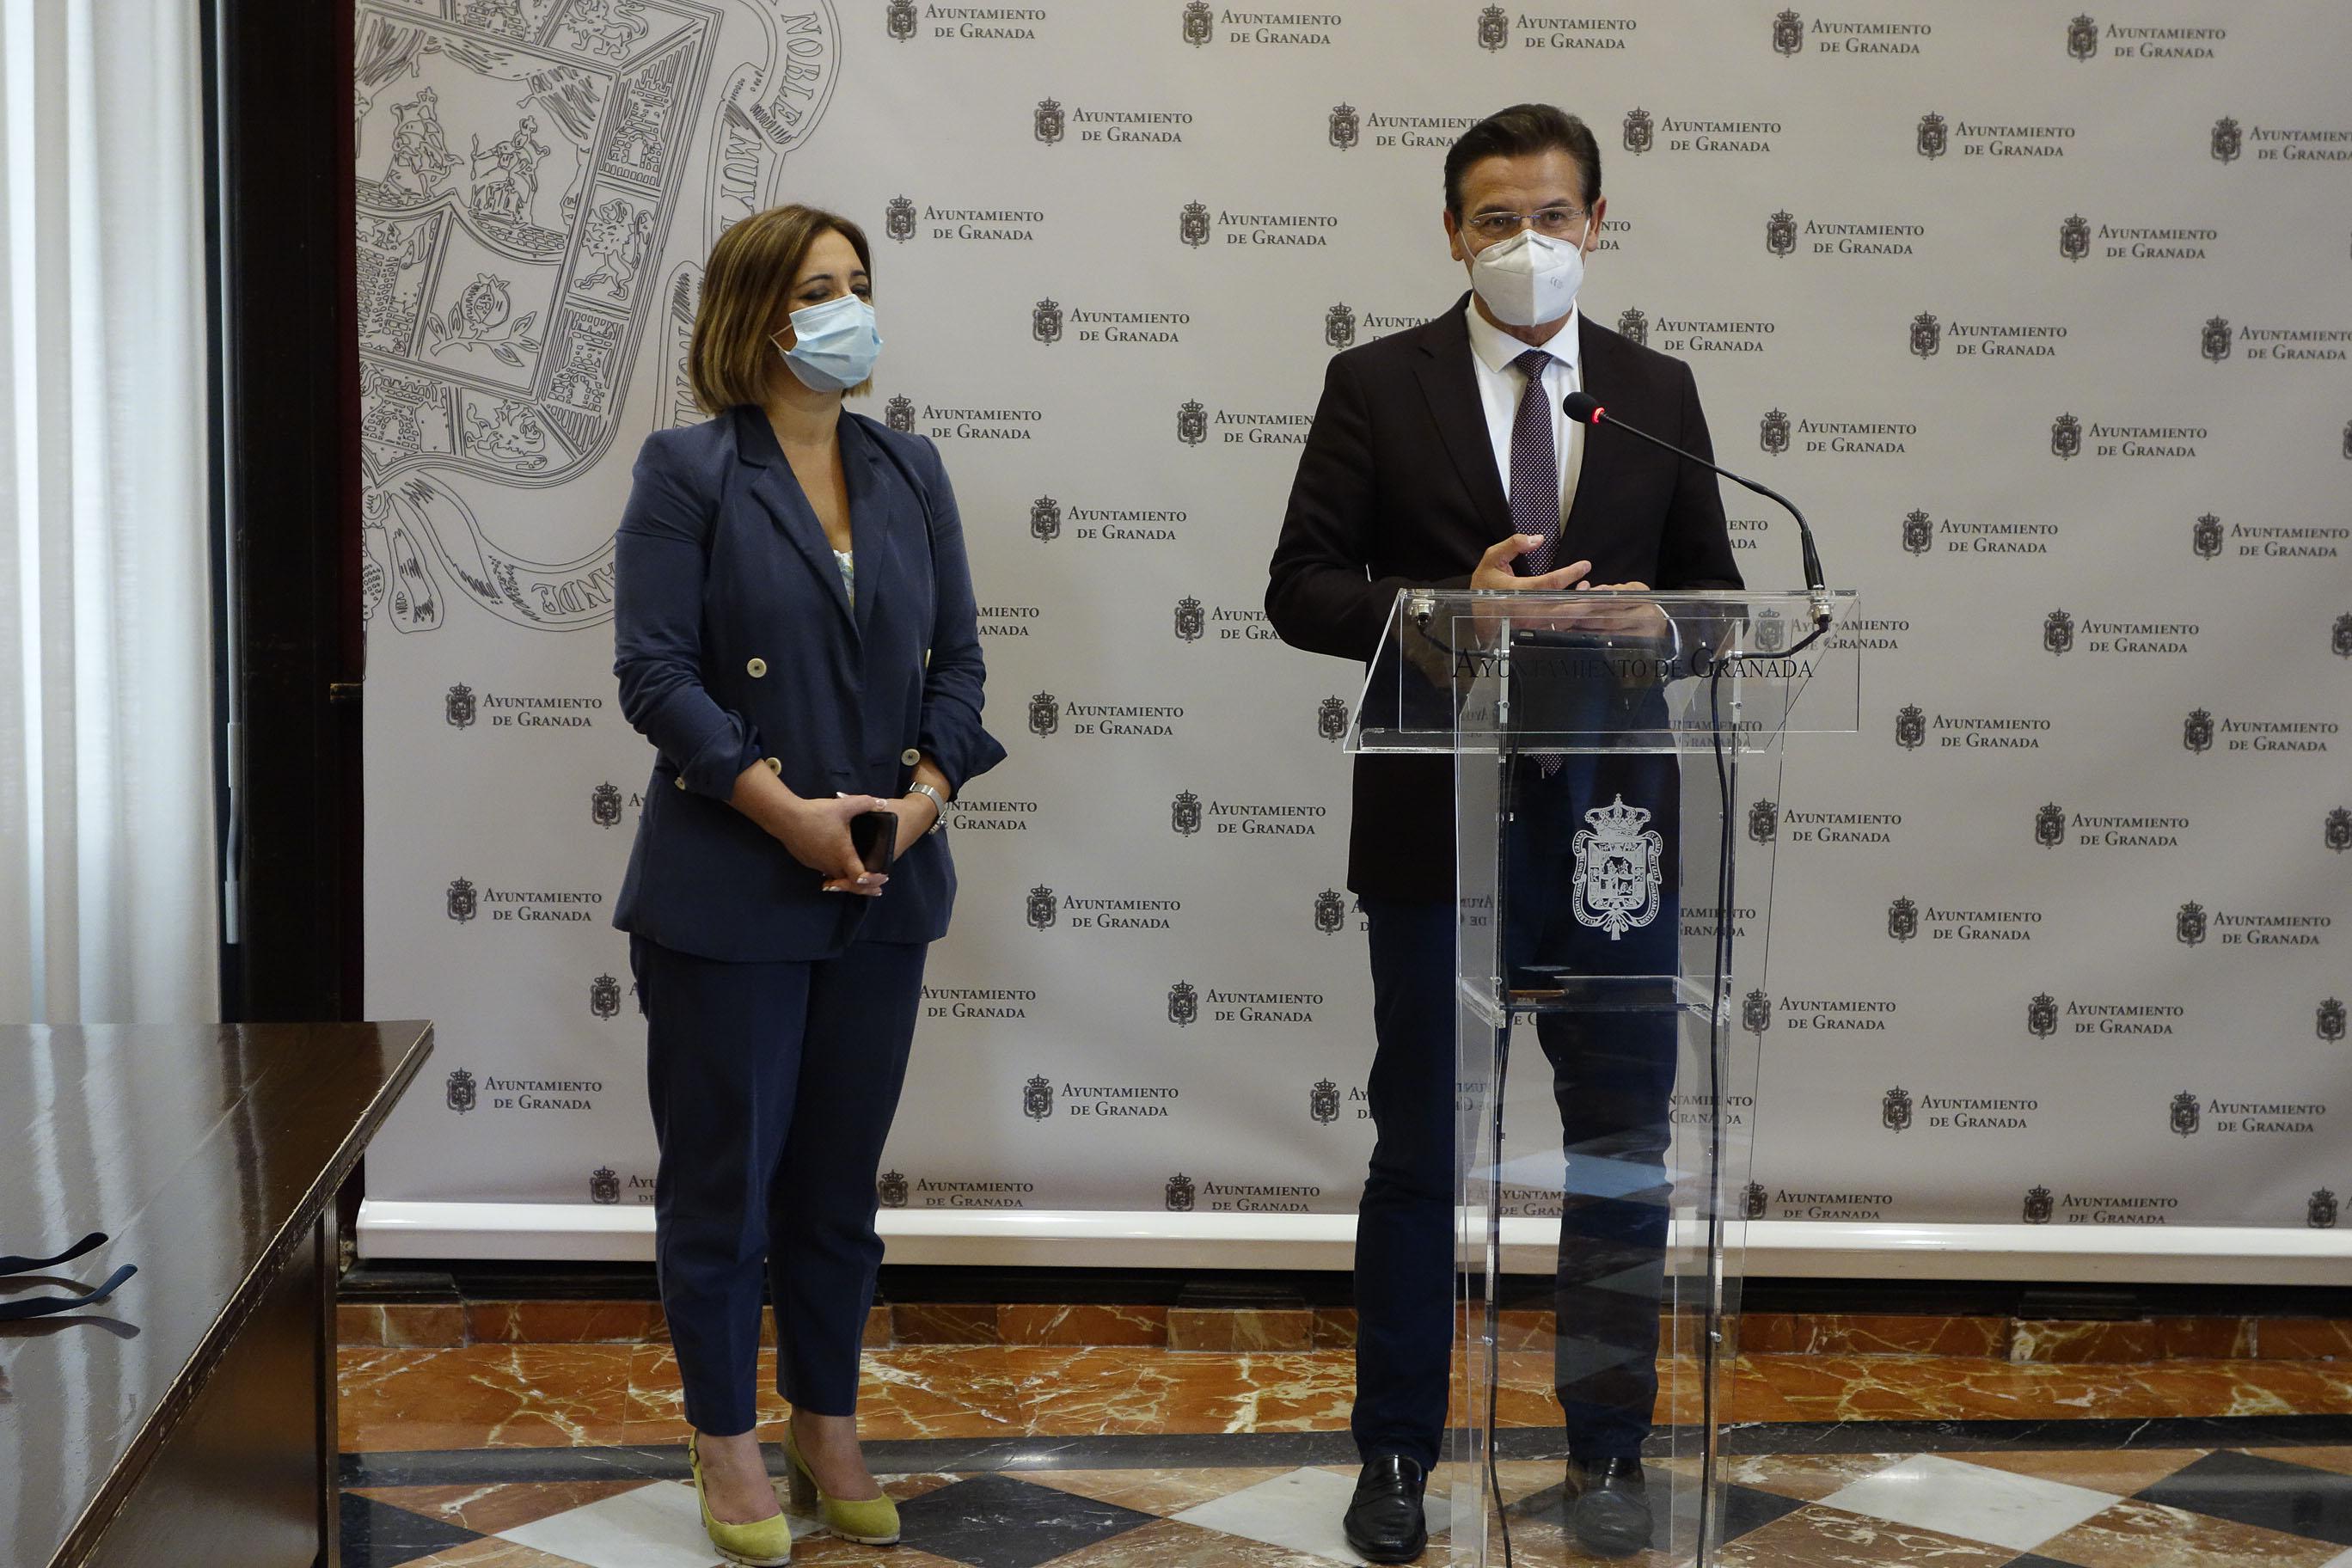 Salvador anuncia una estrategia Ayuntamiento-UGR para frenar los contagios por Covid